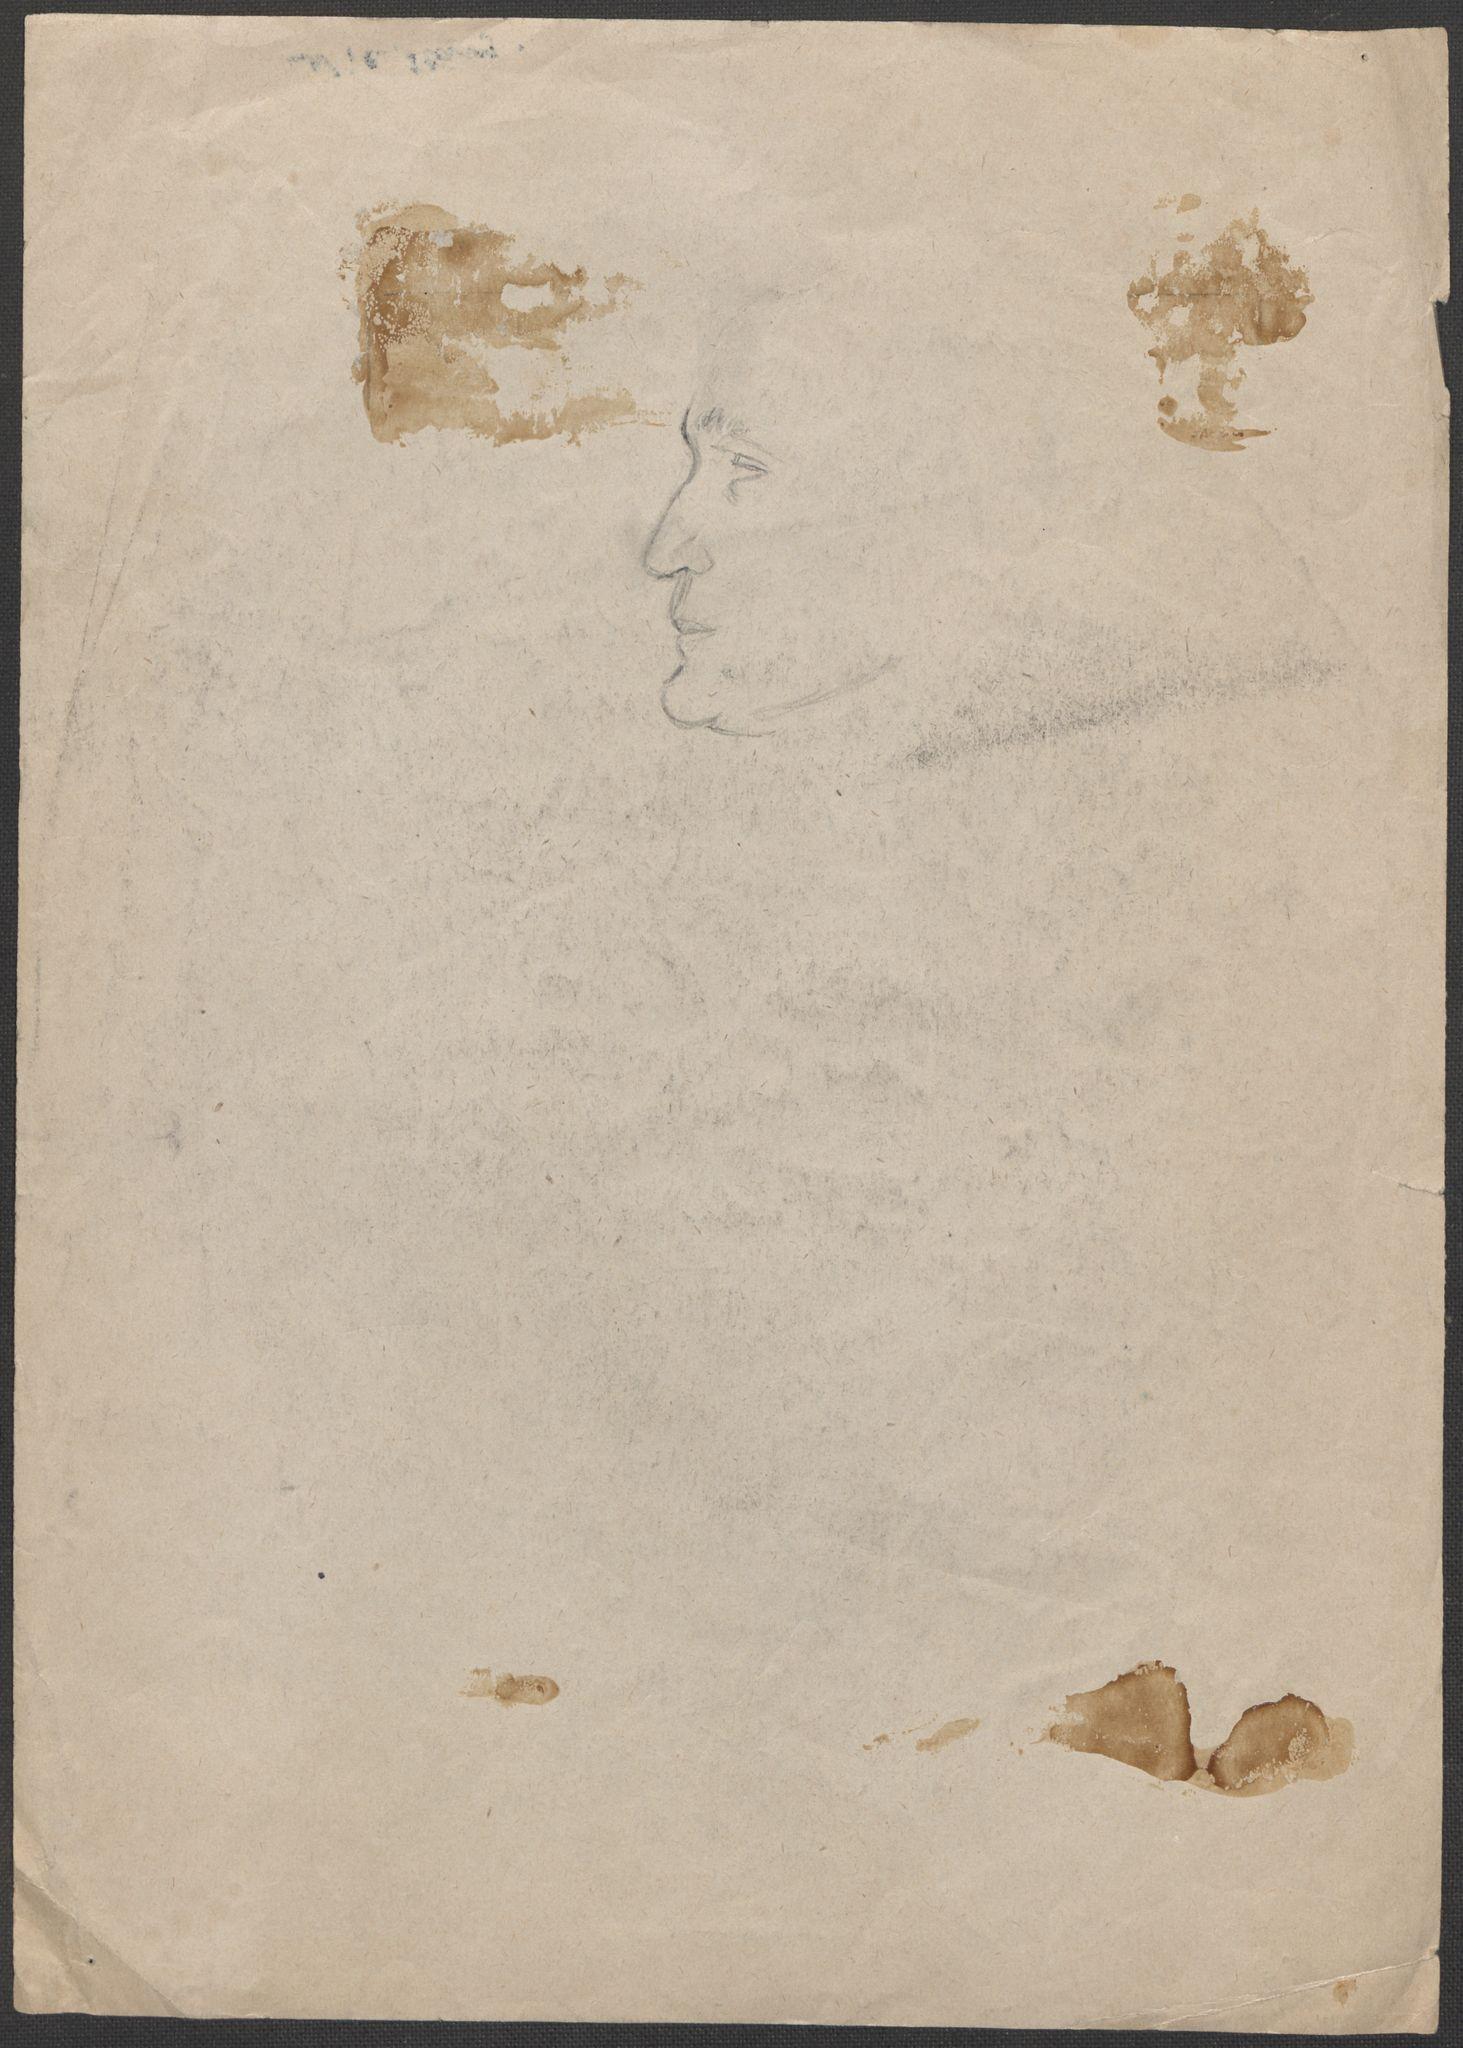 RA, Grøgaard, Joachim, F/L0002: Tegninger og tekster, 1942-1945, s. 36